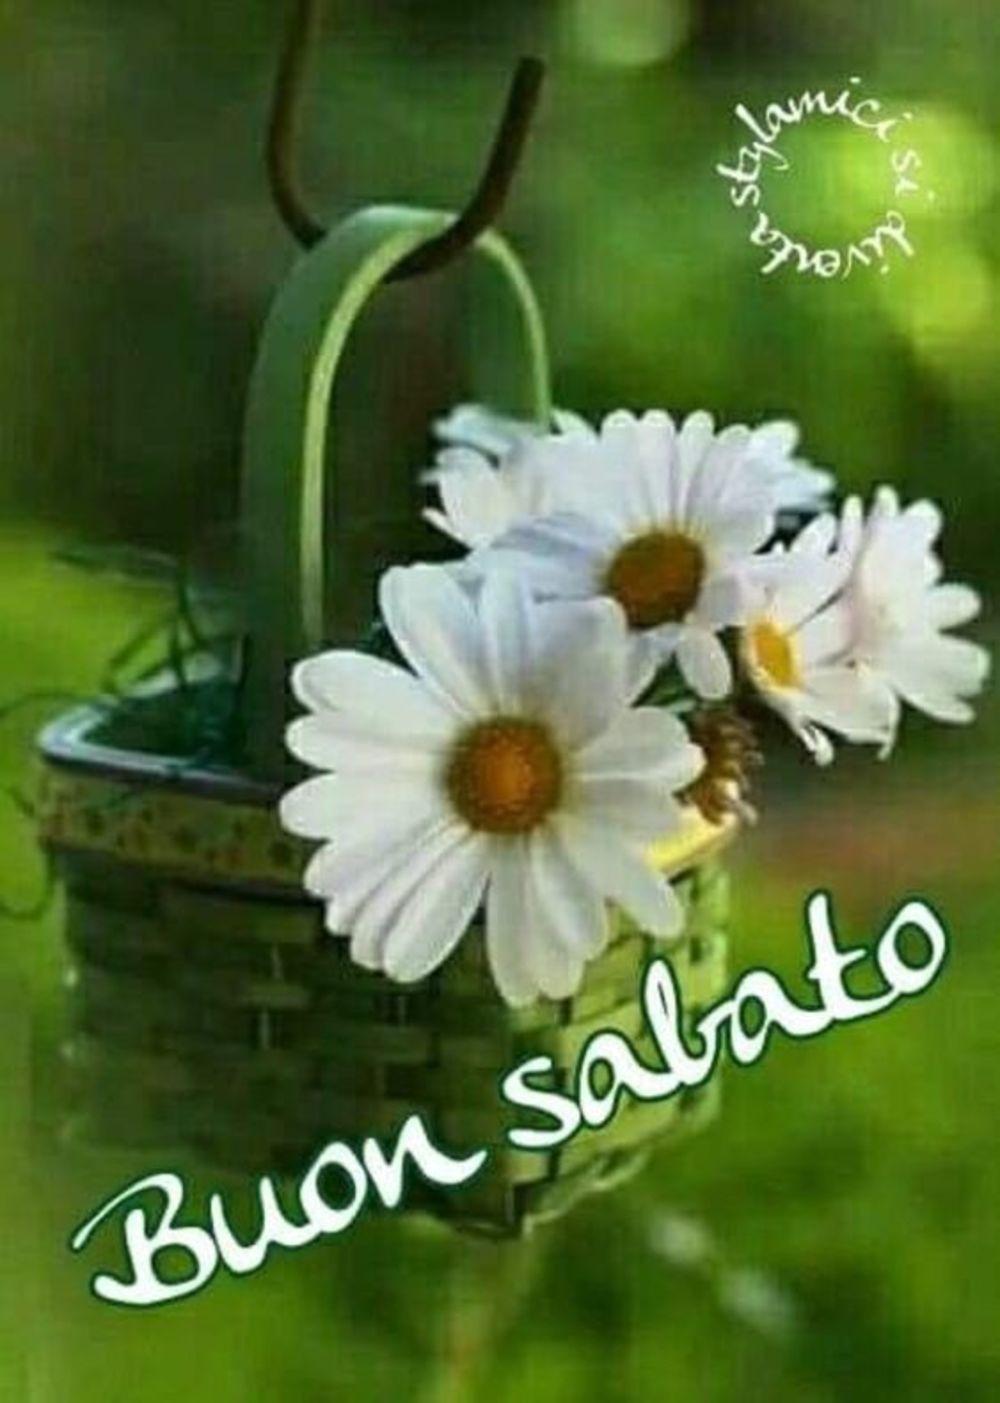 Buon sabato immagini per whatsapp (2)